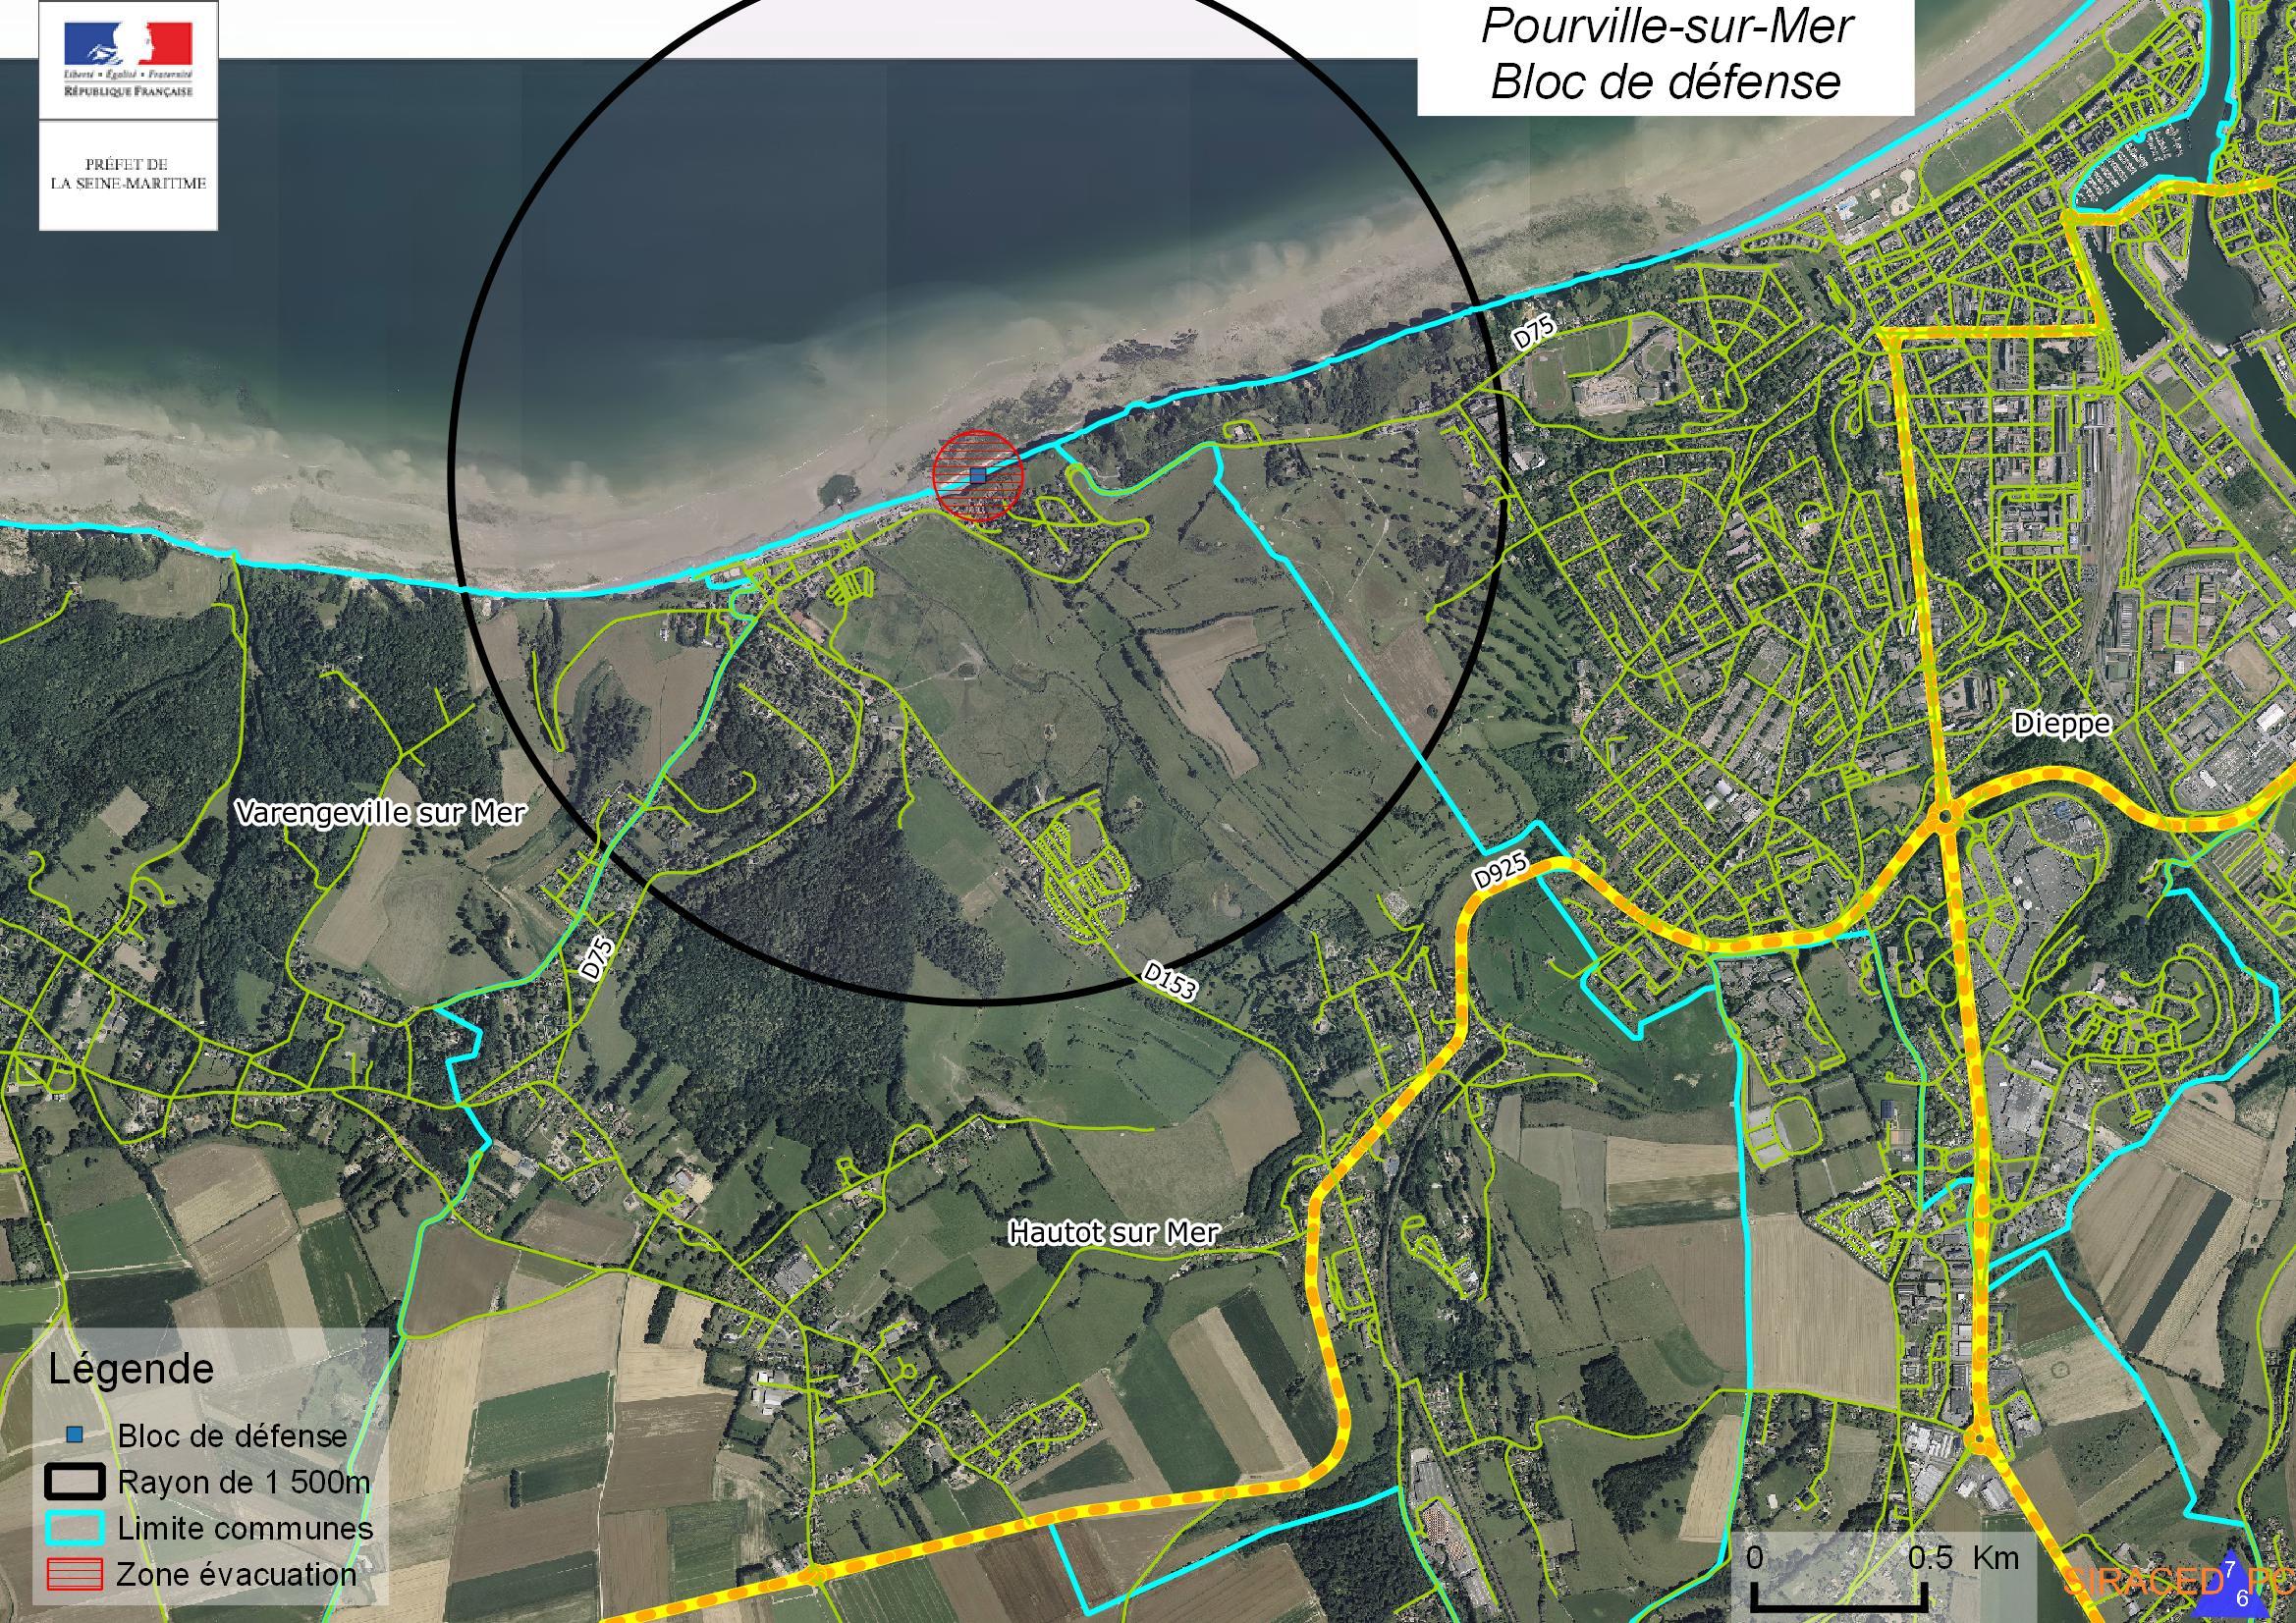 Un périmètre de sécurité et d'évacuation (cercle noir) est mis en place pour assurer la sécurité de l'opération